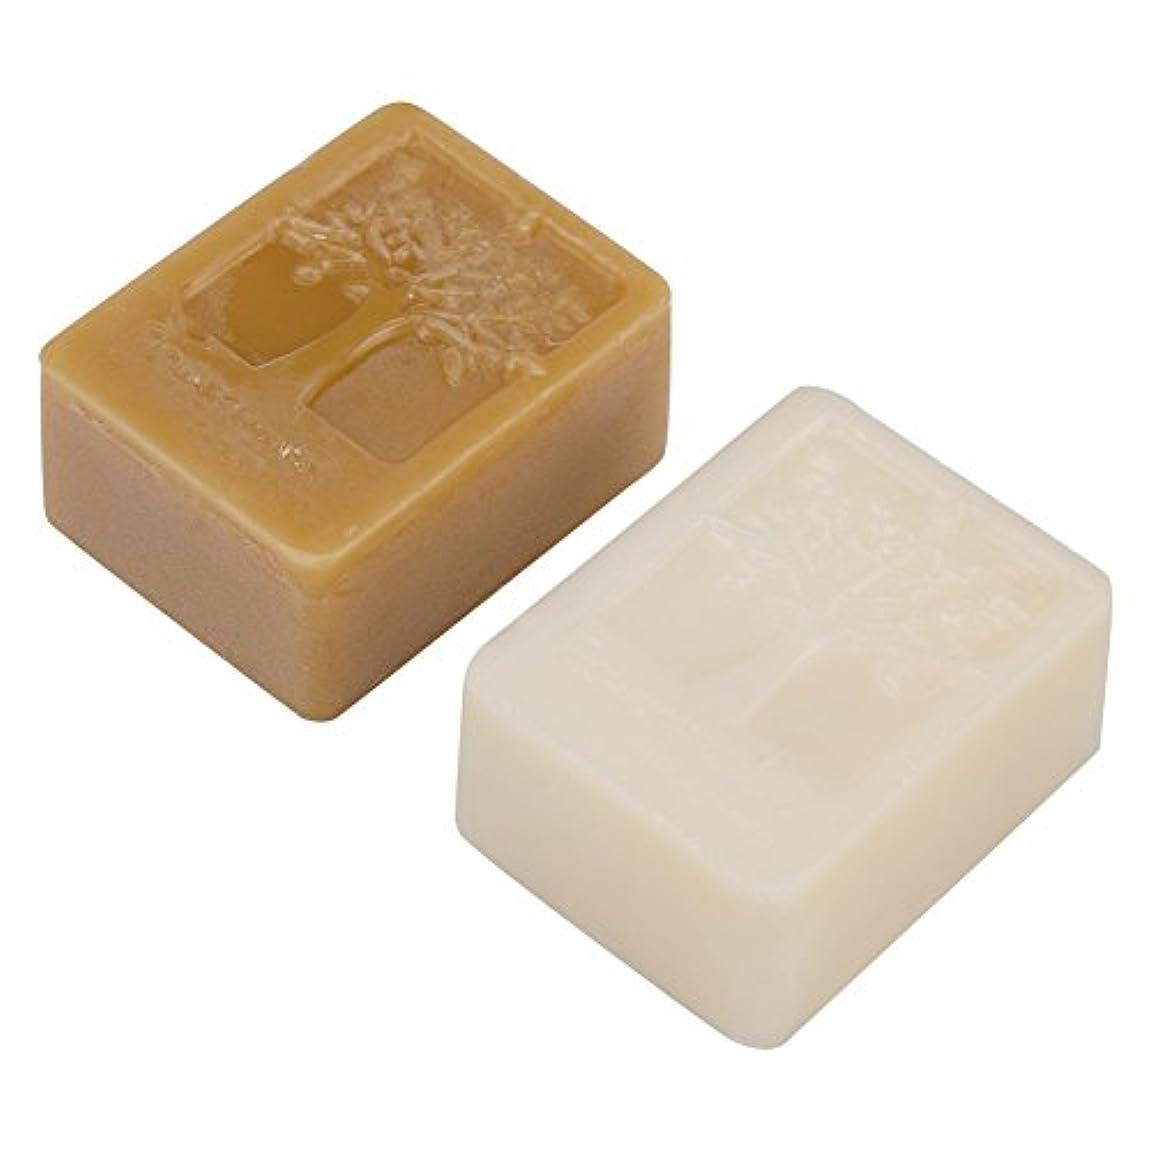 主権者ジョージスティーブンソン臭い純粋な100g / 3.5oz白い蜜蝋ブロック+ 100g / 3.5oz黄色の蜜蝋石鹸、食品等級